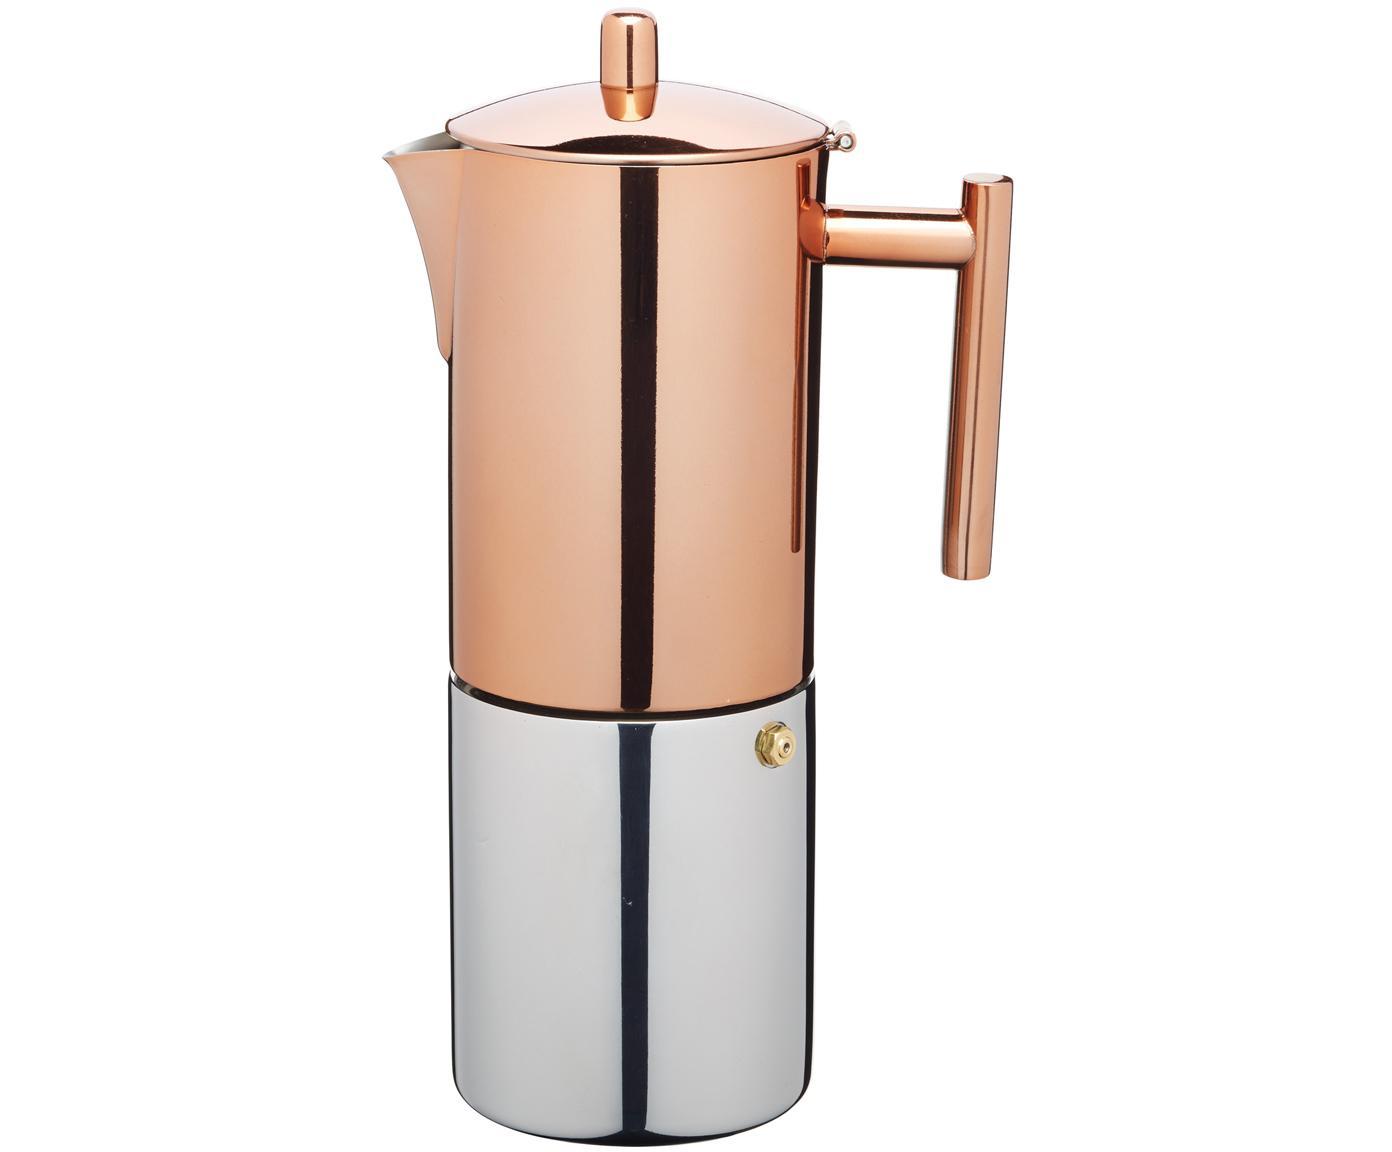 Macchinetta per il caffè Molly, Parte inferiore: acciaio inossidabile, luc, Rame, acciaio inossidabile, 600 ml